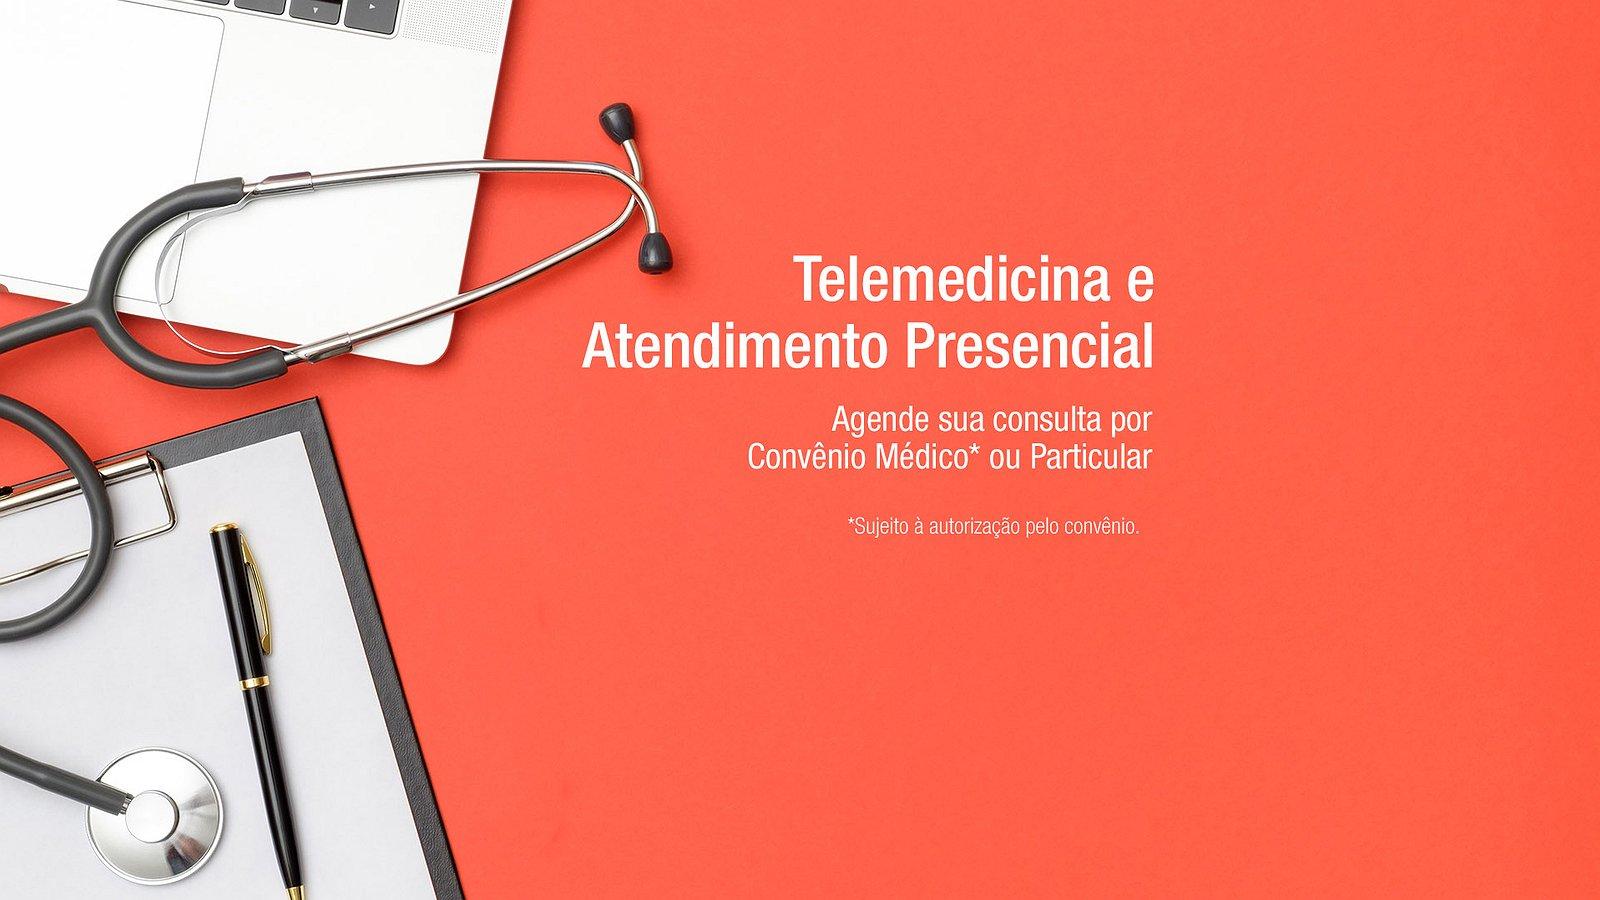 Telemedicina e Atendimento Presencial